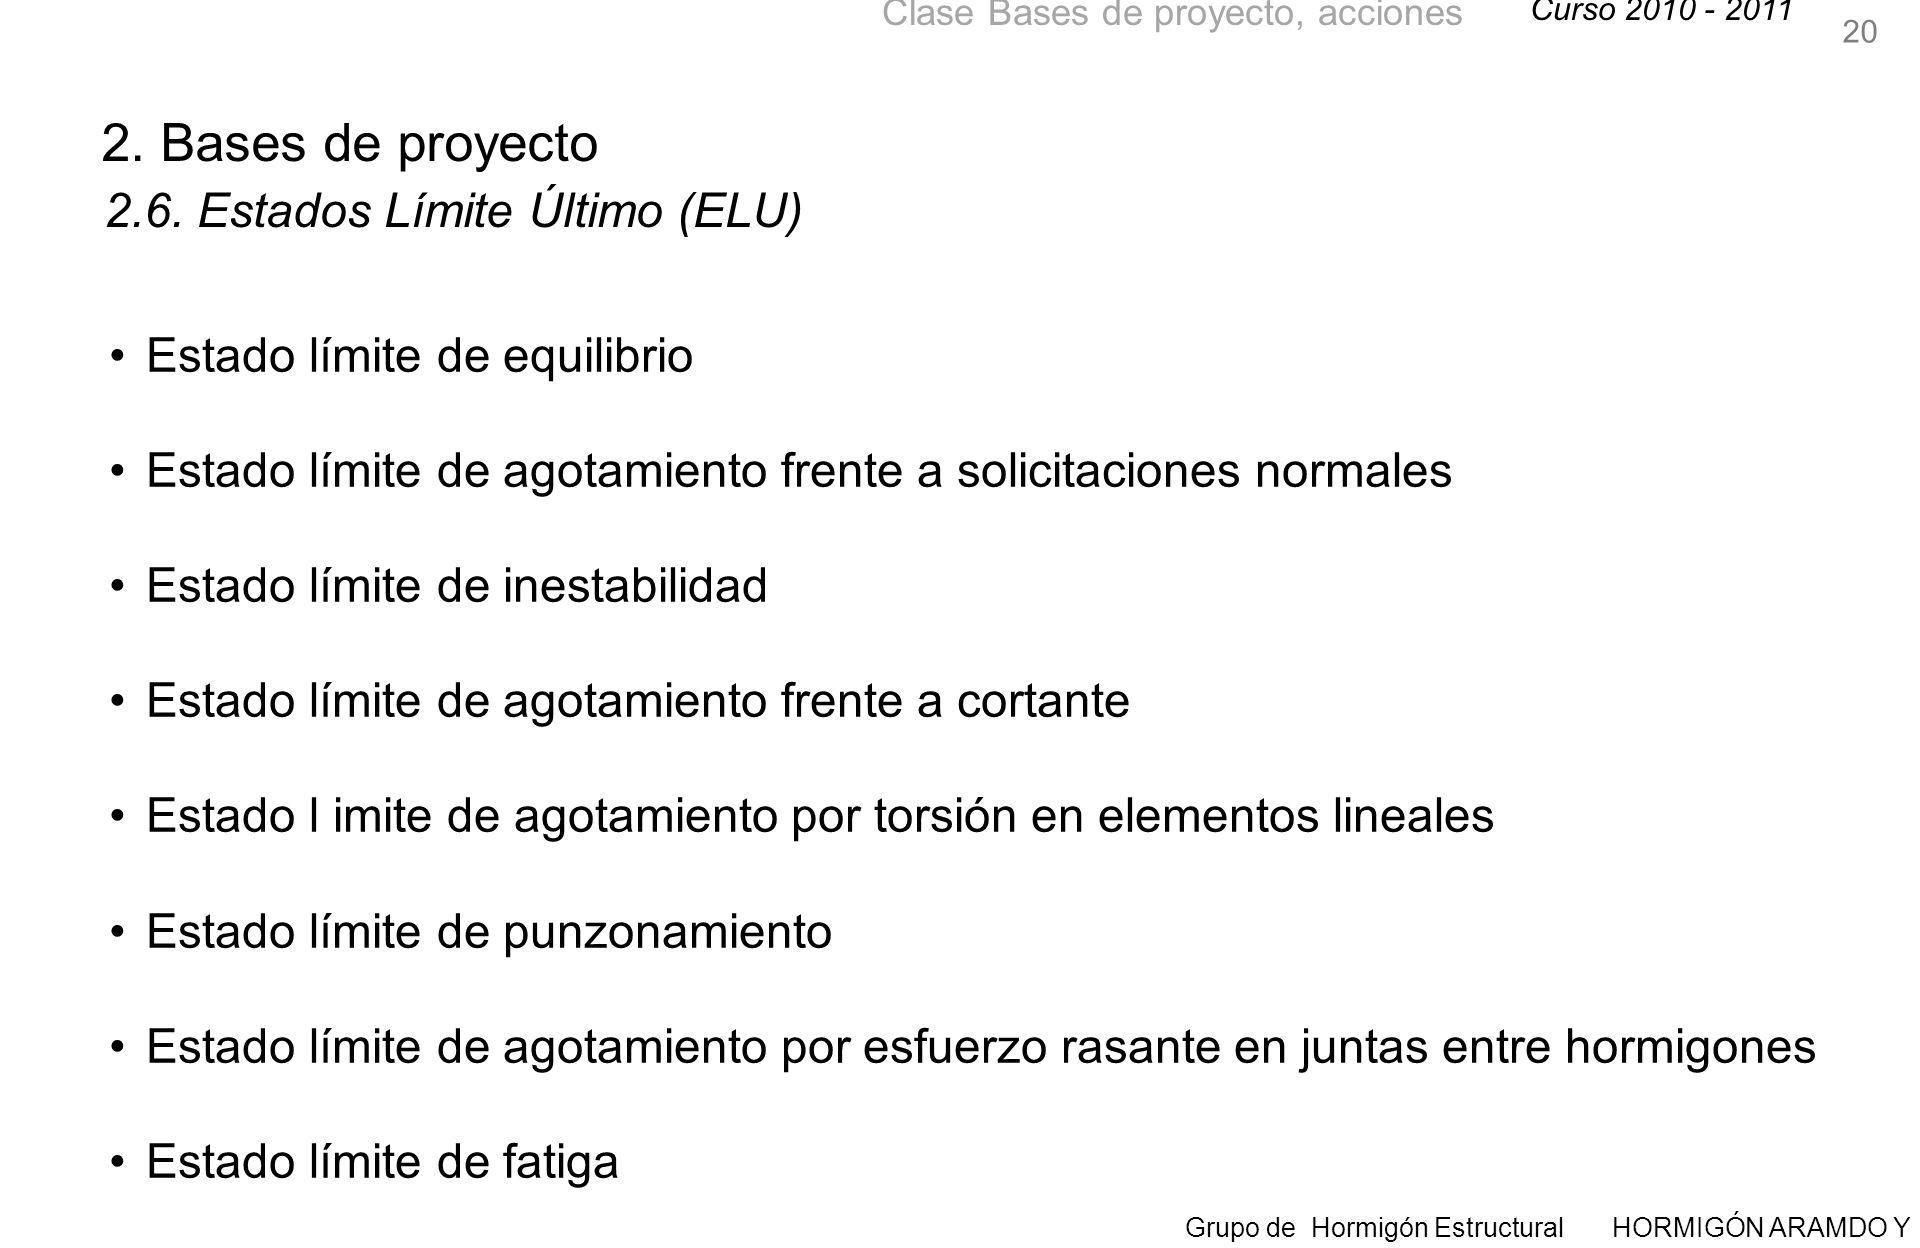 2. Bases de proyecto 2.6. Estados Límite Último (ELU)